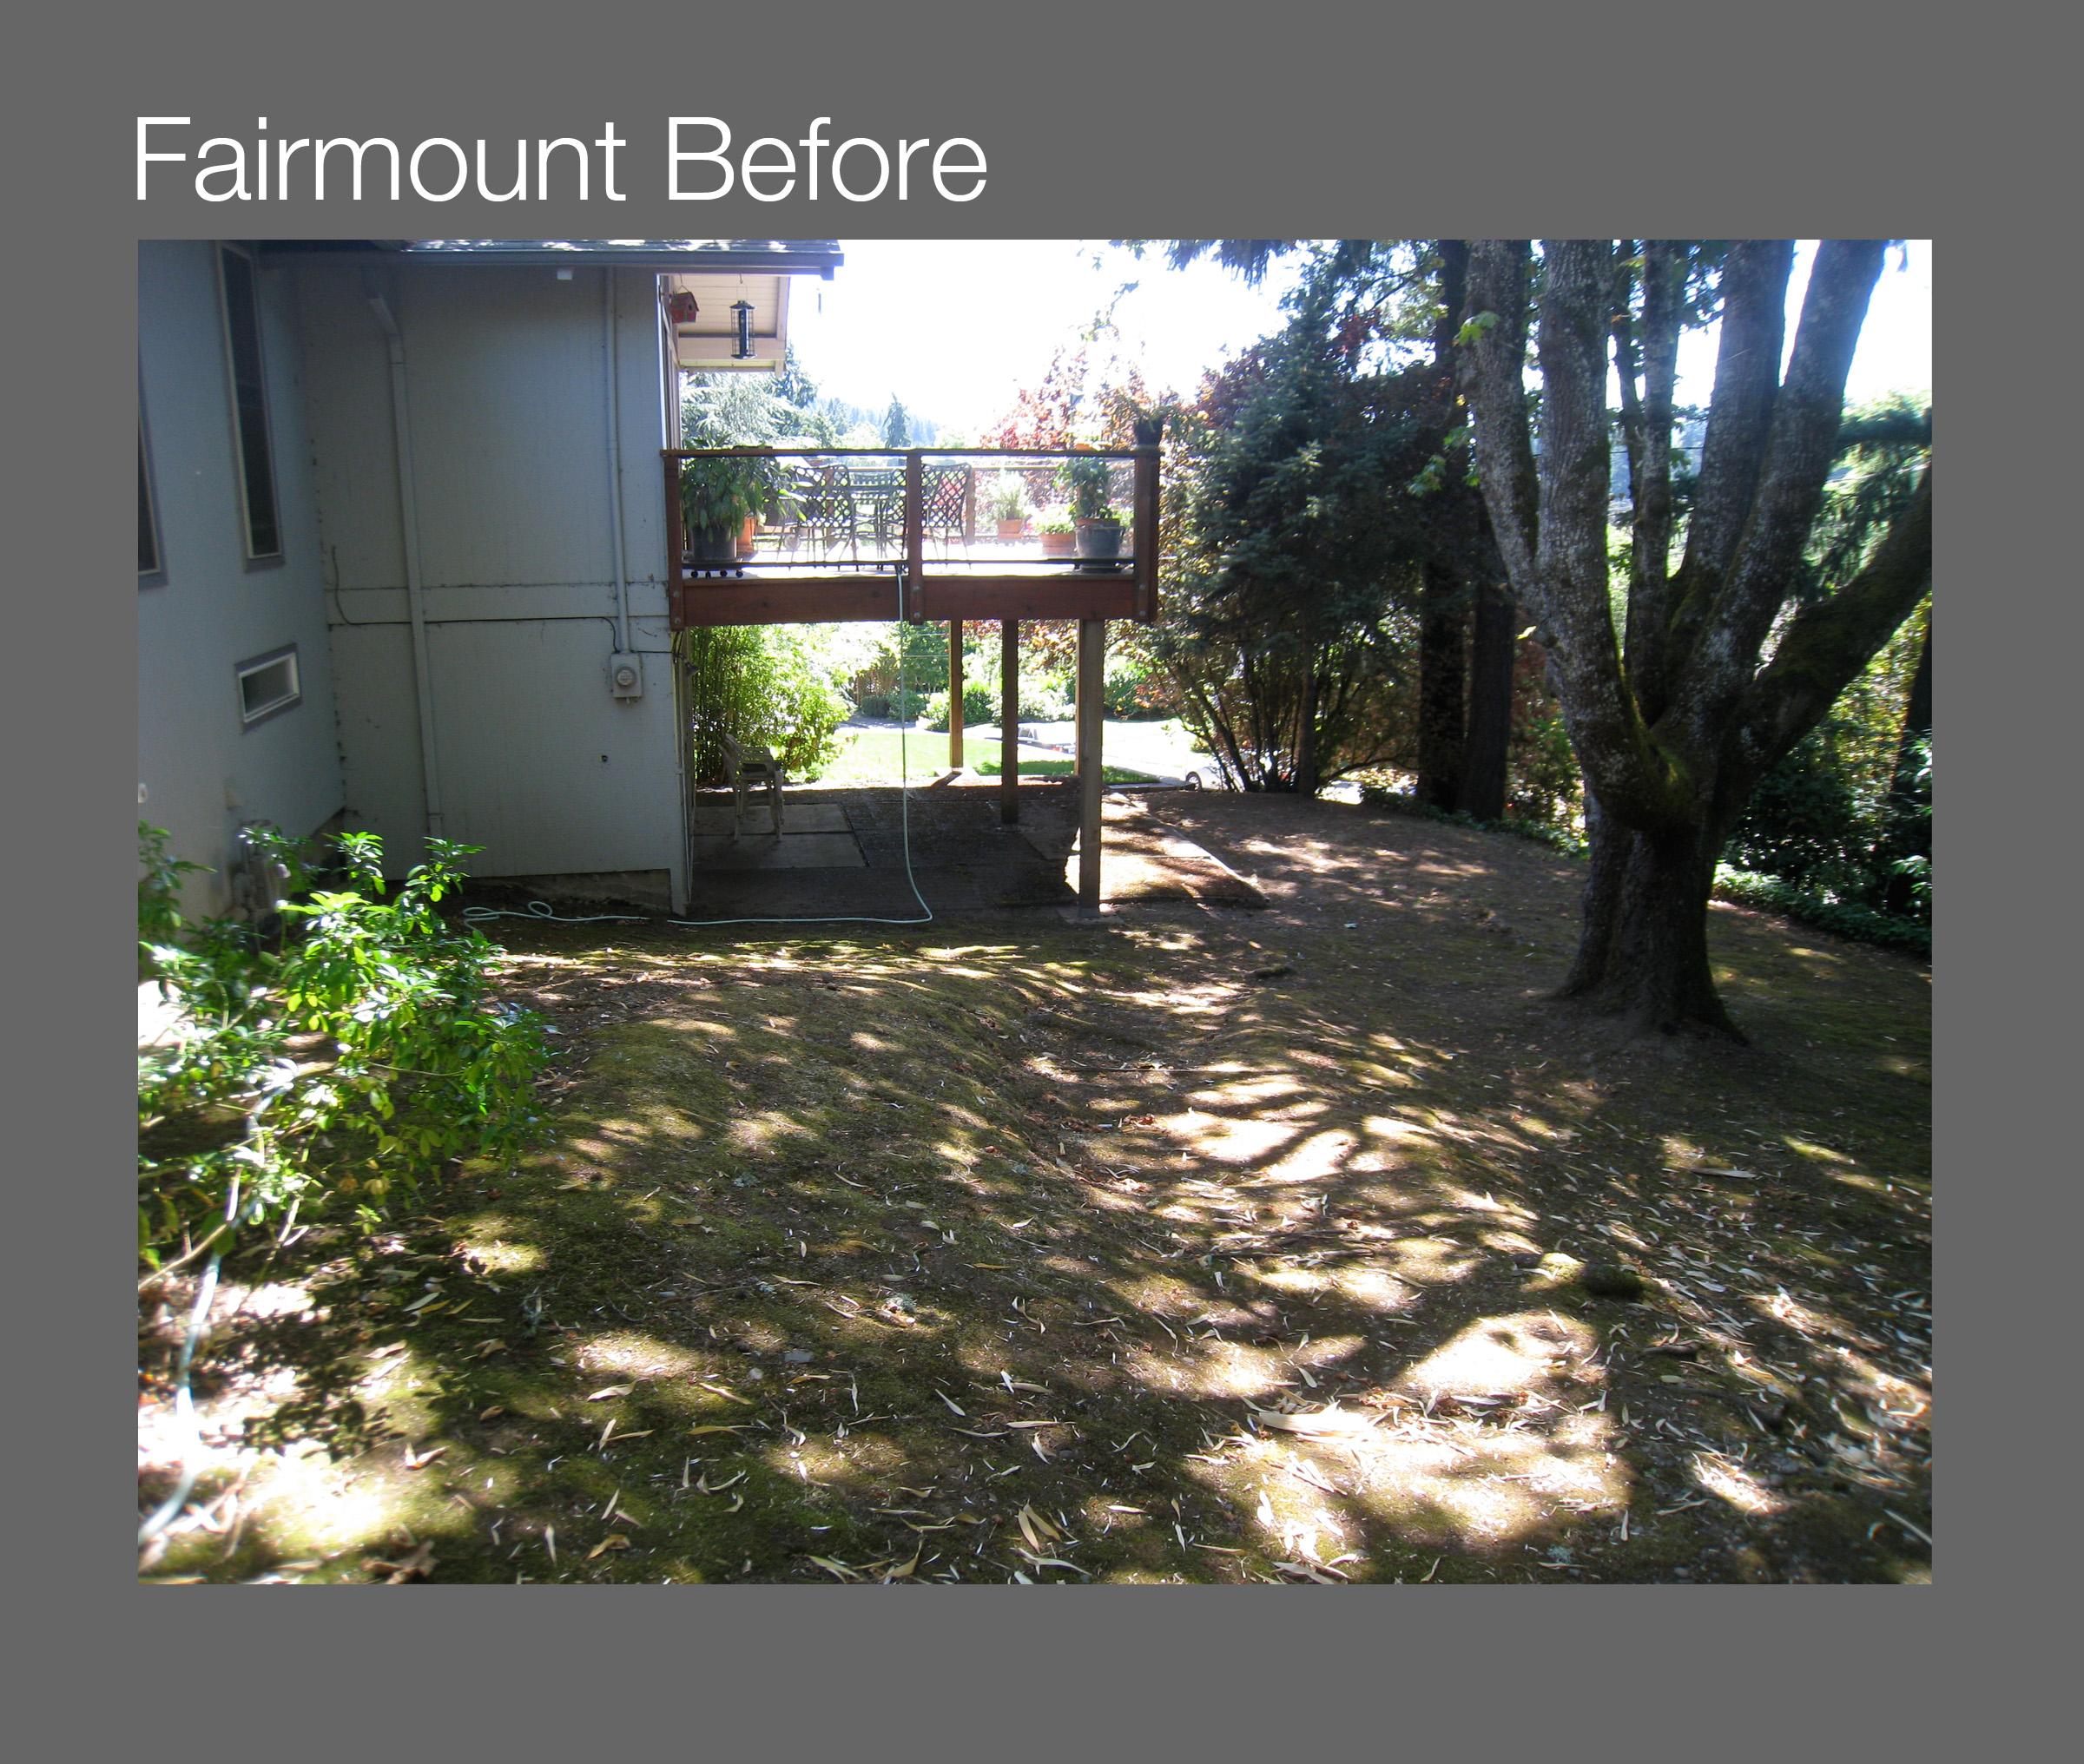 FairmountBefore.jpg